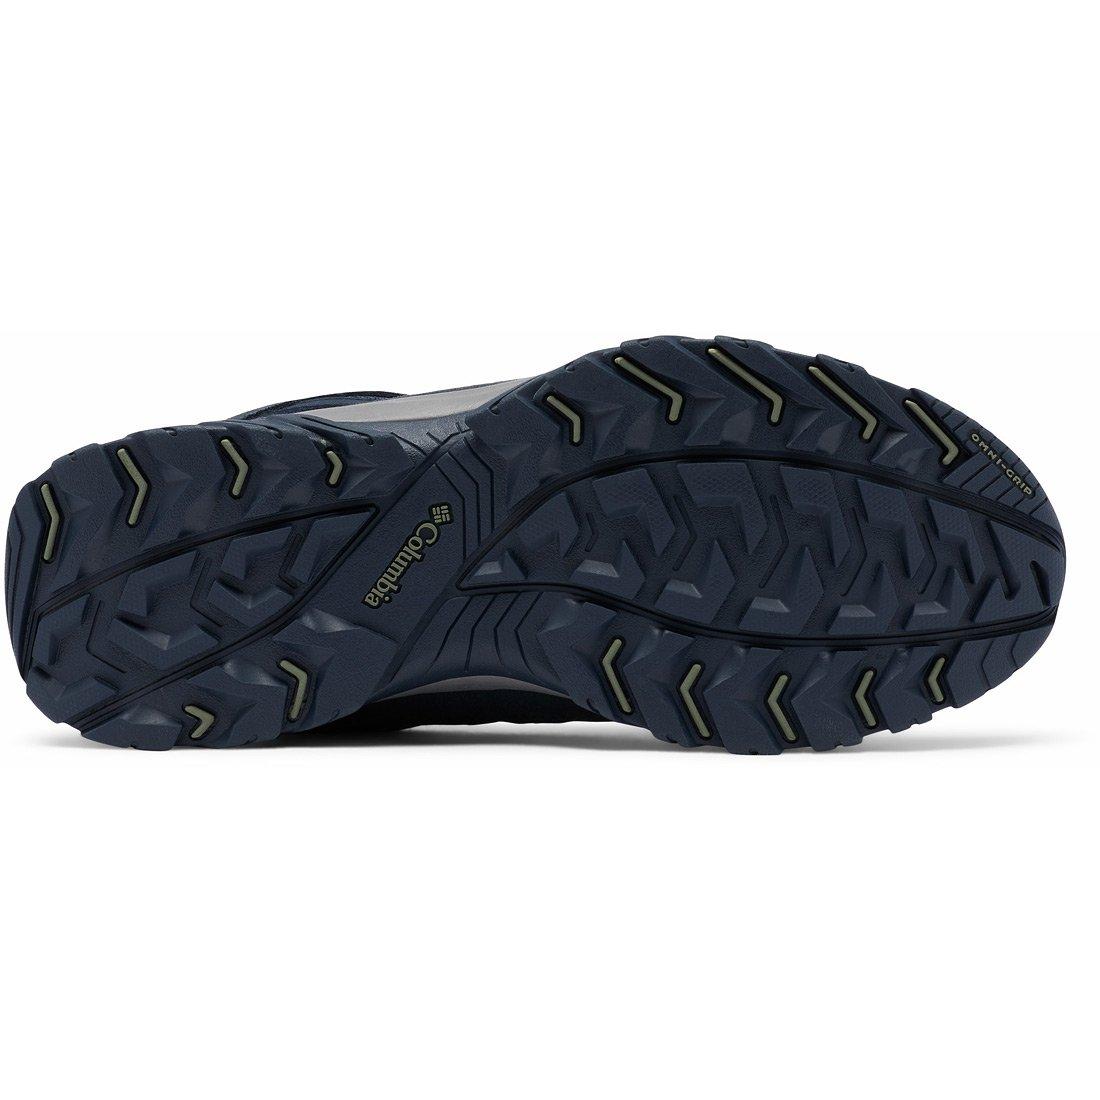 נעליים לגברים - Crestwood Waterproof Wide - Columbia